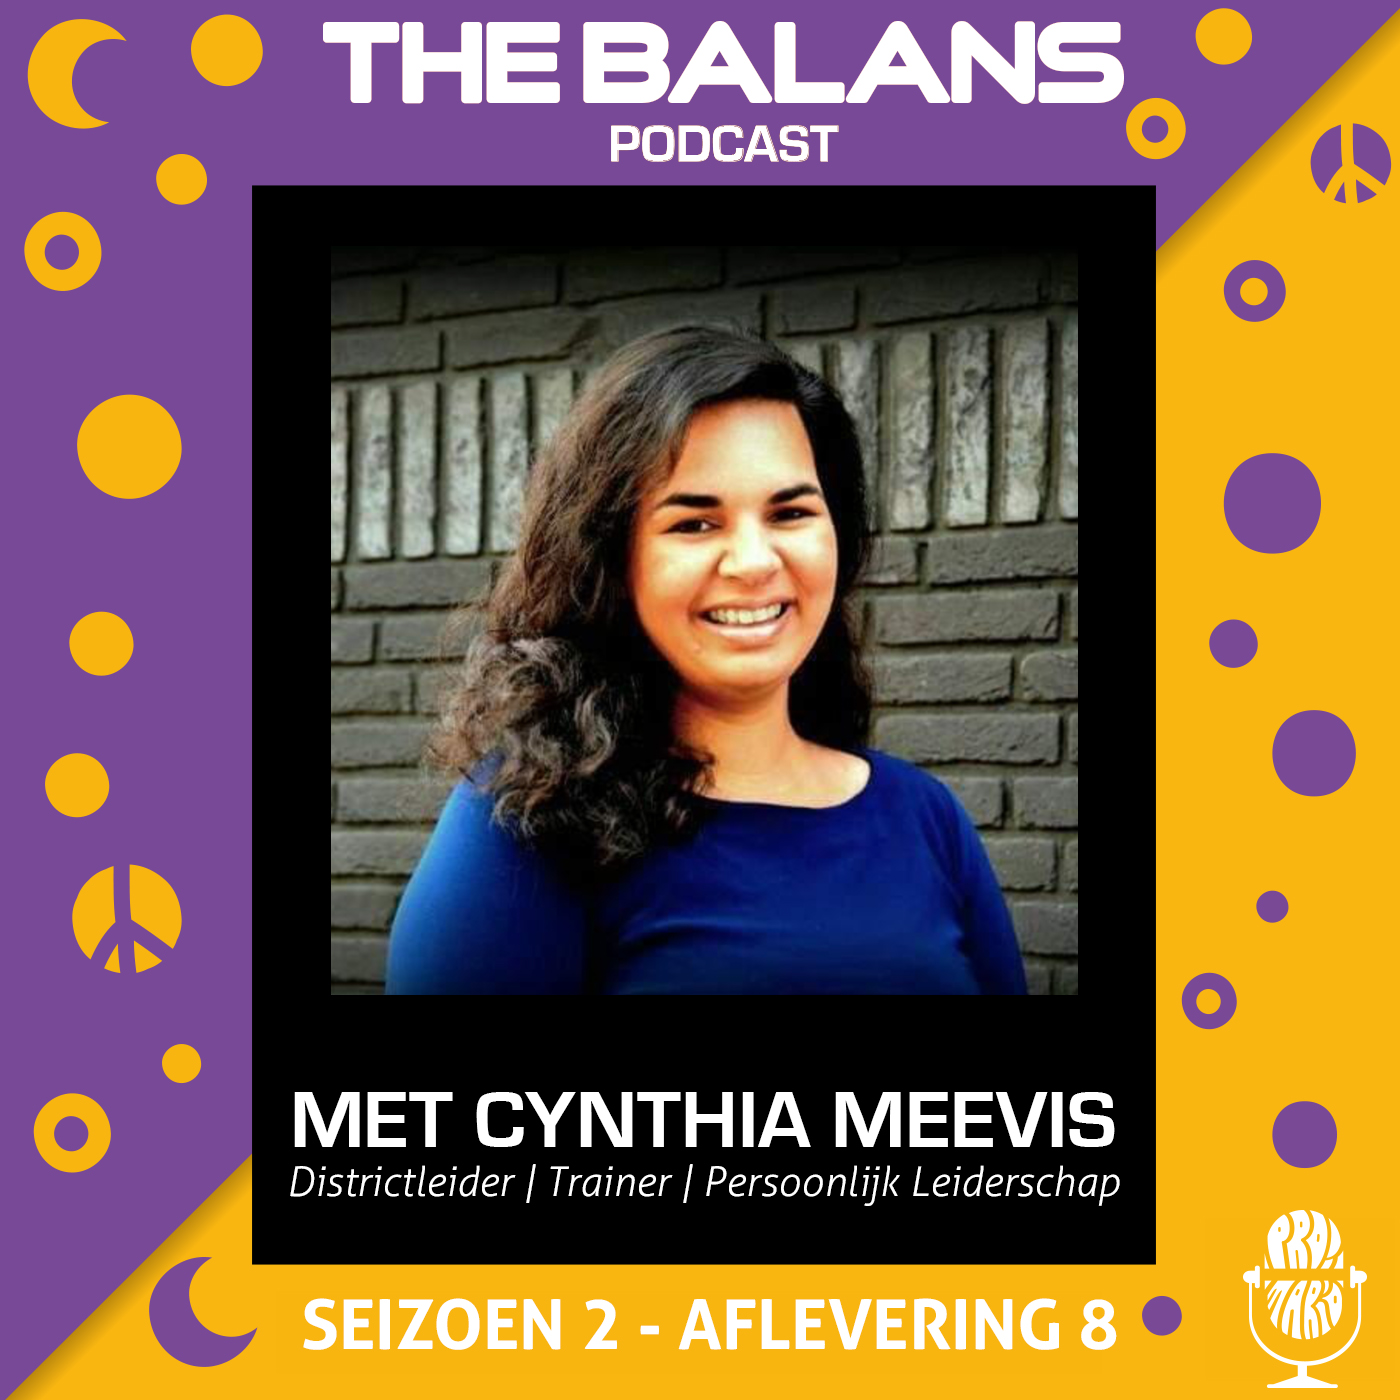 DE BALANS PODCAST – S02E12 – WERK & CULTUUR GESPREKKEN MET CYNTHIA MEEVIS